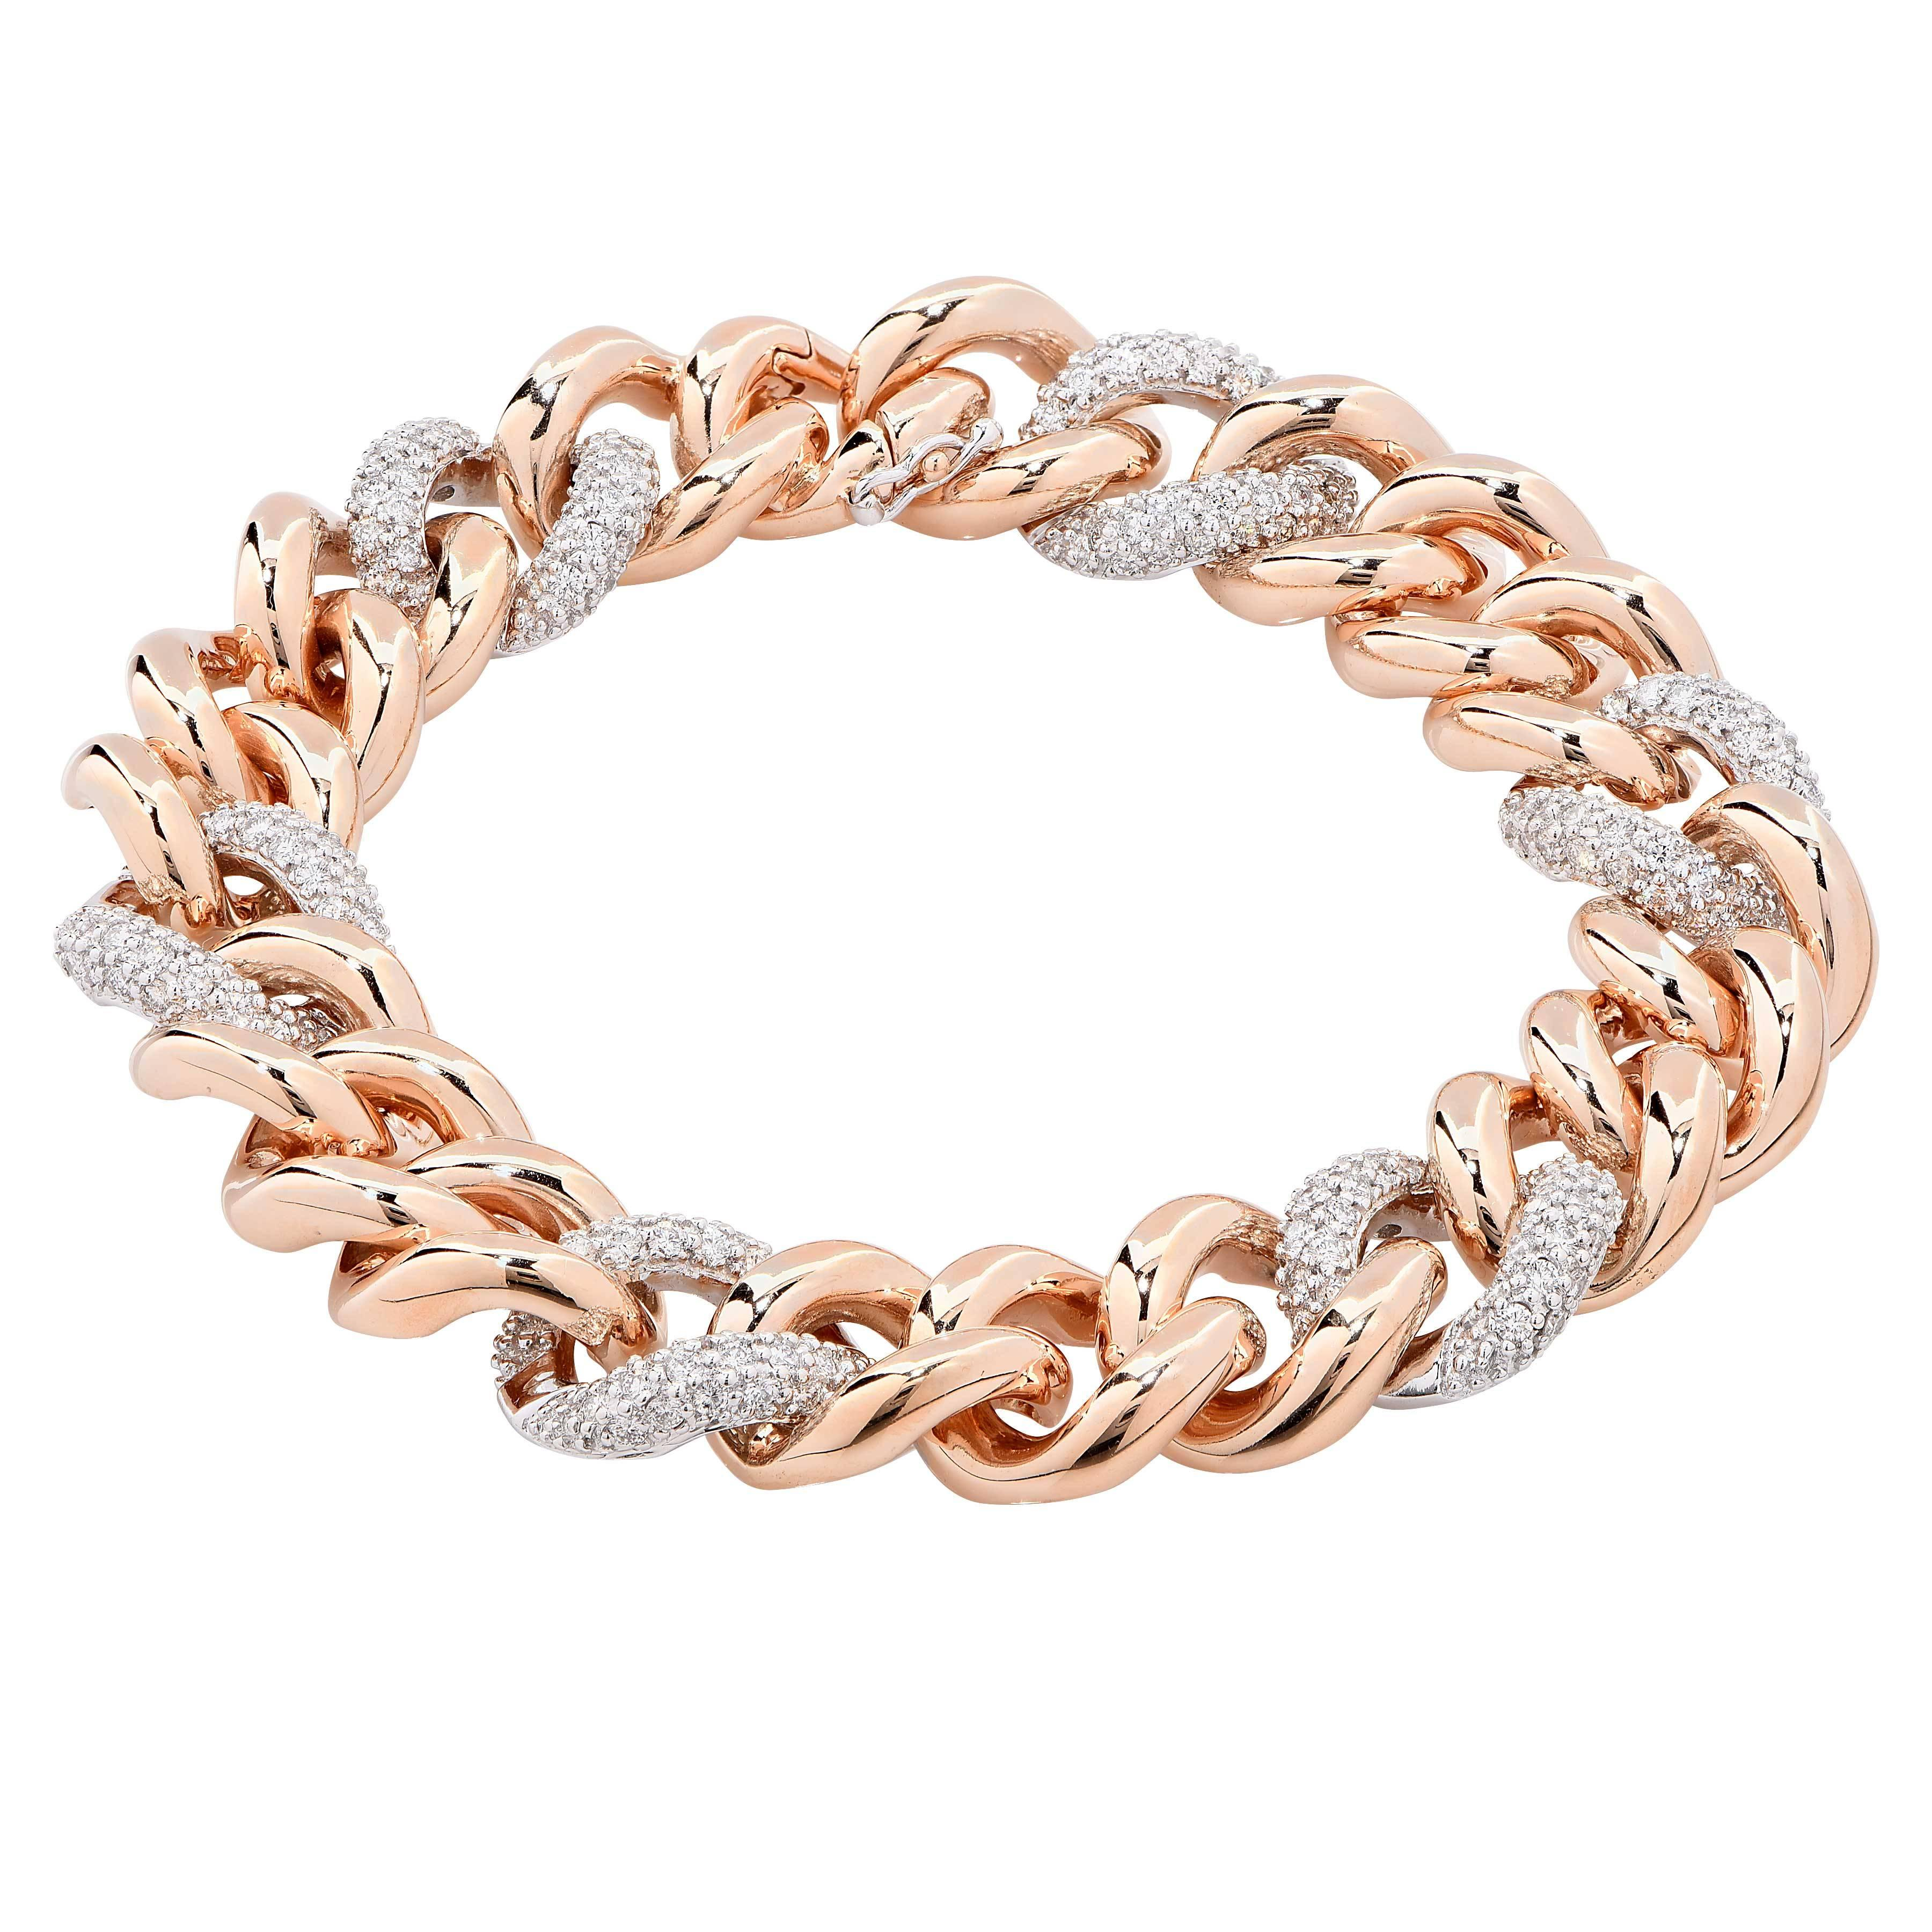 e7ed47e0584e0 Rina Limor 1.15 Carat Diamond Rose Gold Italian Curb Link Bracelet